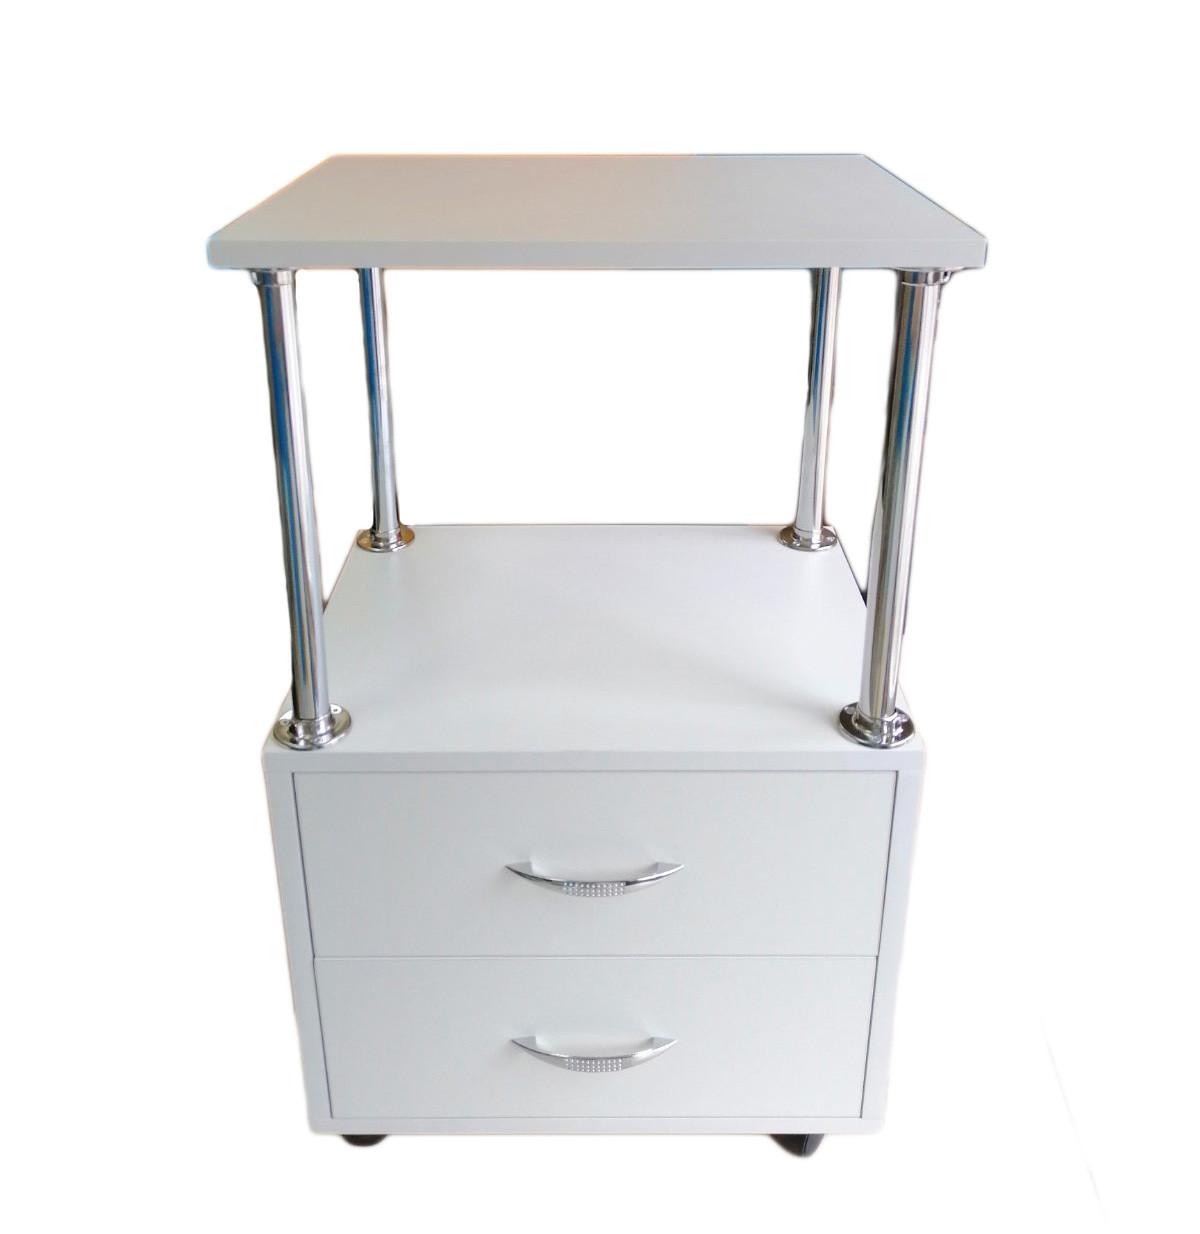 Візок для манікюру (манікюрний пересувний столик) Ліа -2